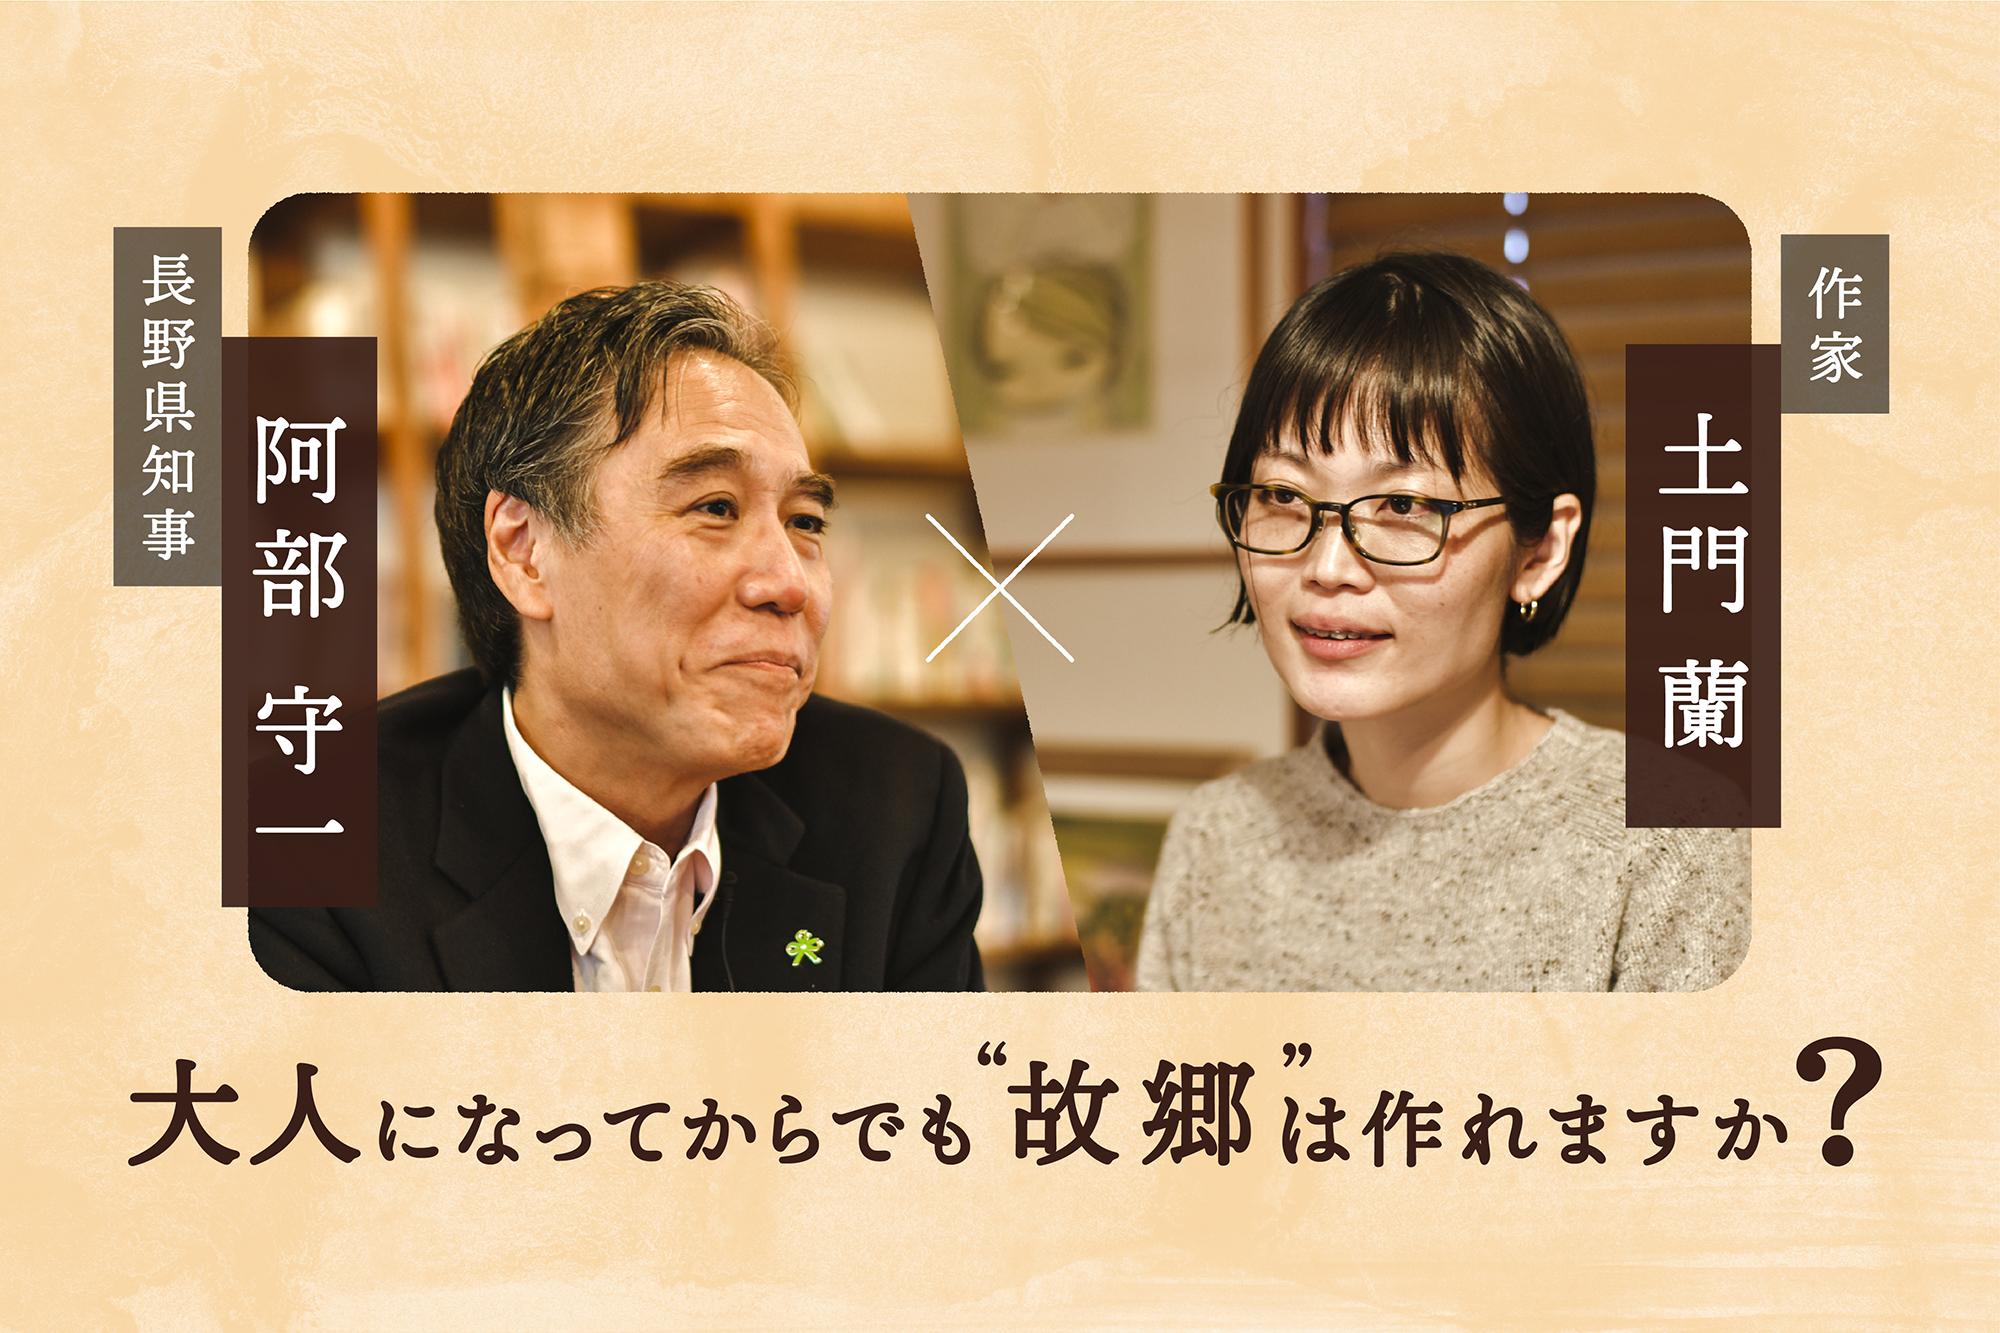 """ひとりの""""移住者""""でもある、長野県知事に聞く。「阿部さん、大人になってからでも『故郷』は作れますか?」"""